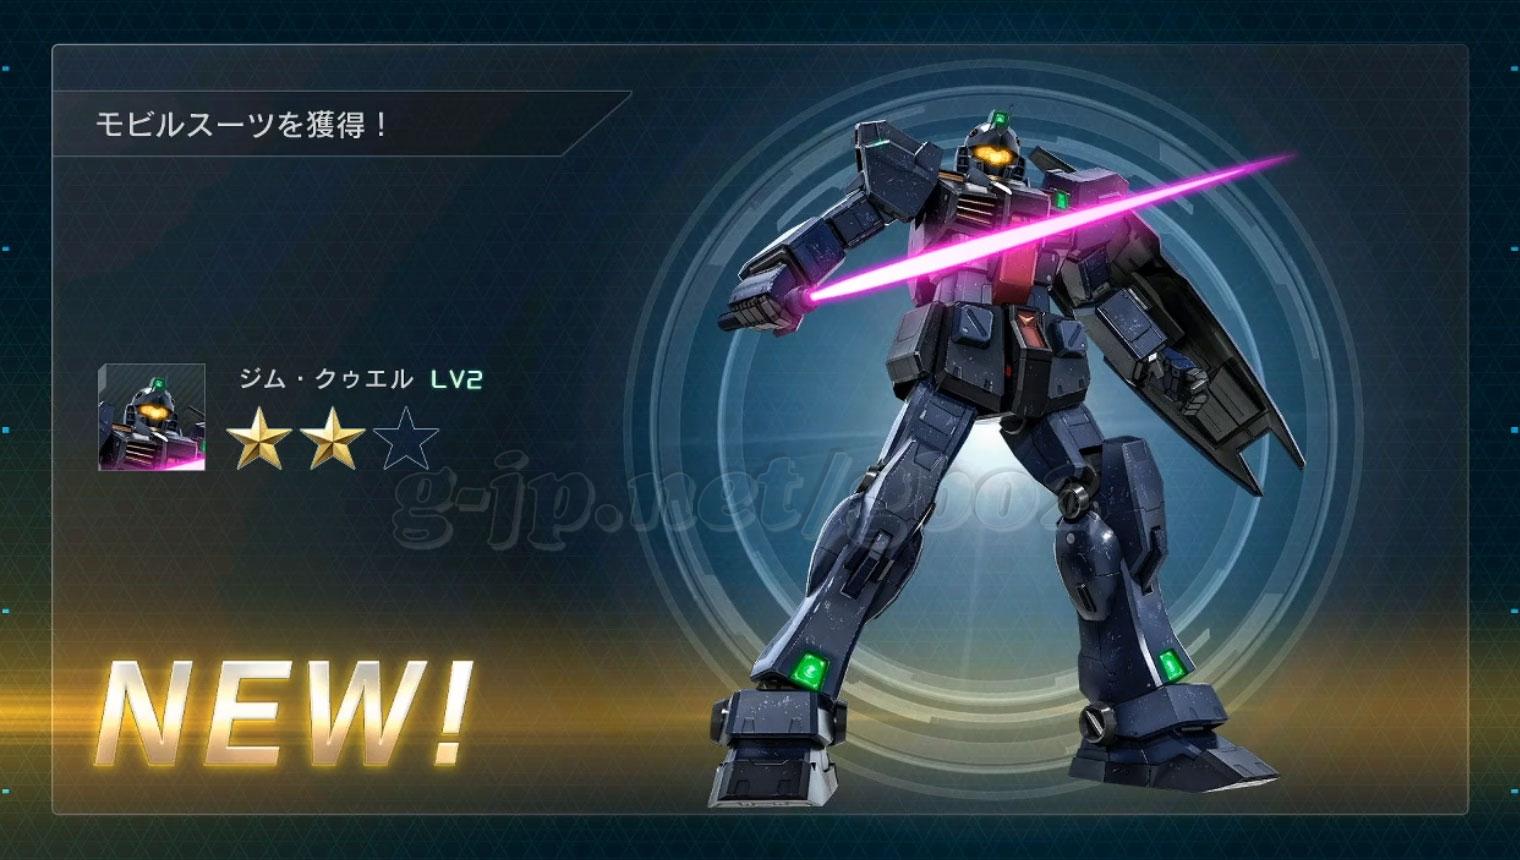 ジム・クゥエル LV2 (STEP1)